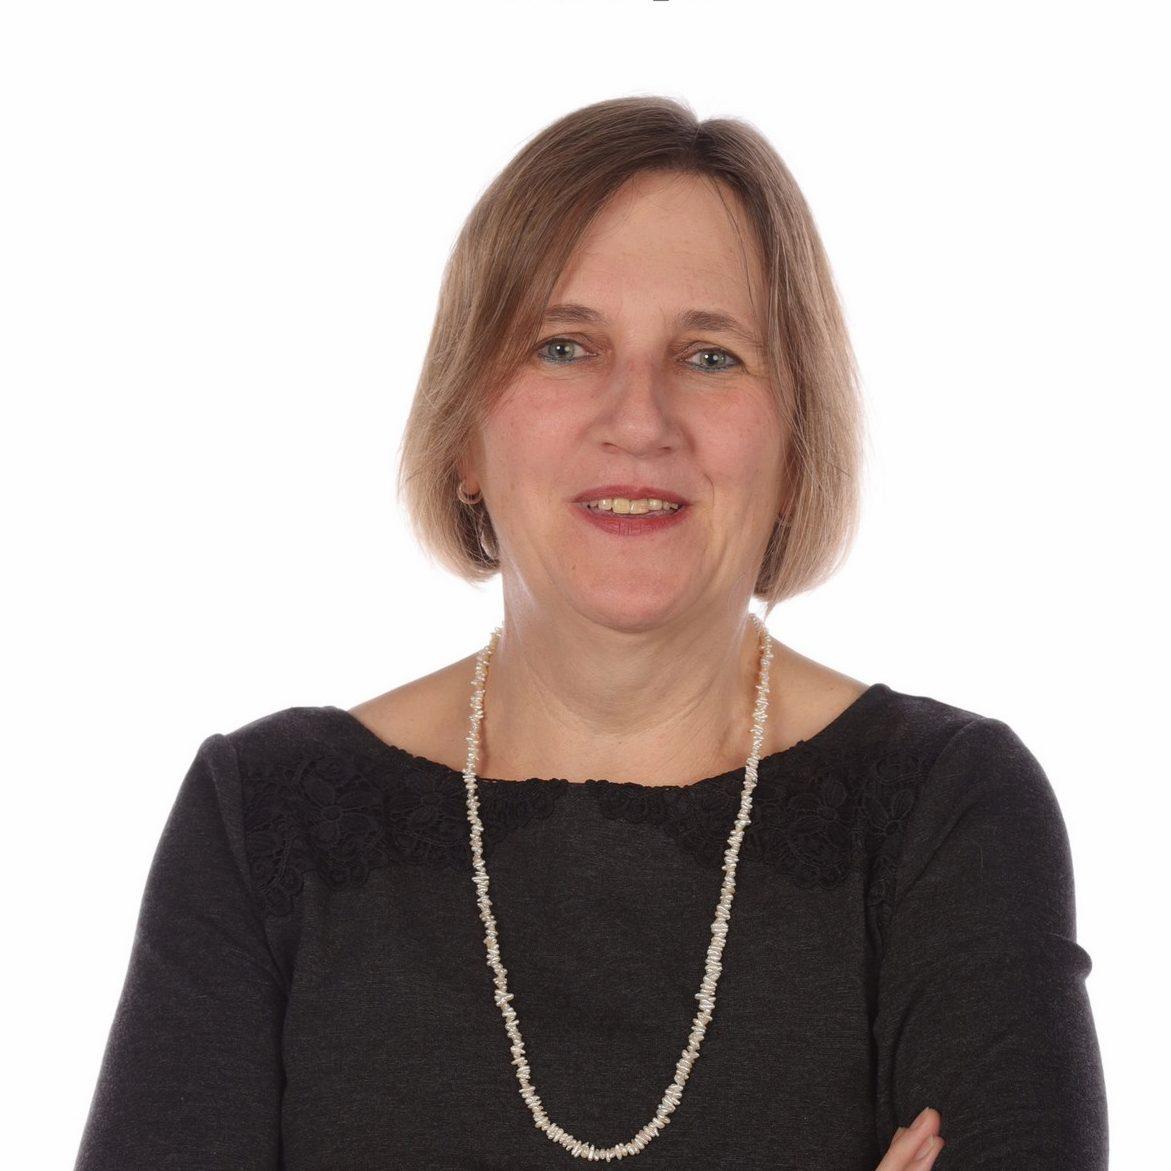 Karin Heienbrock